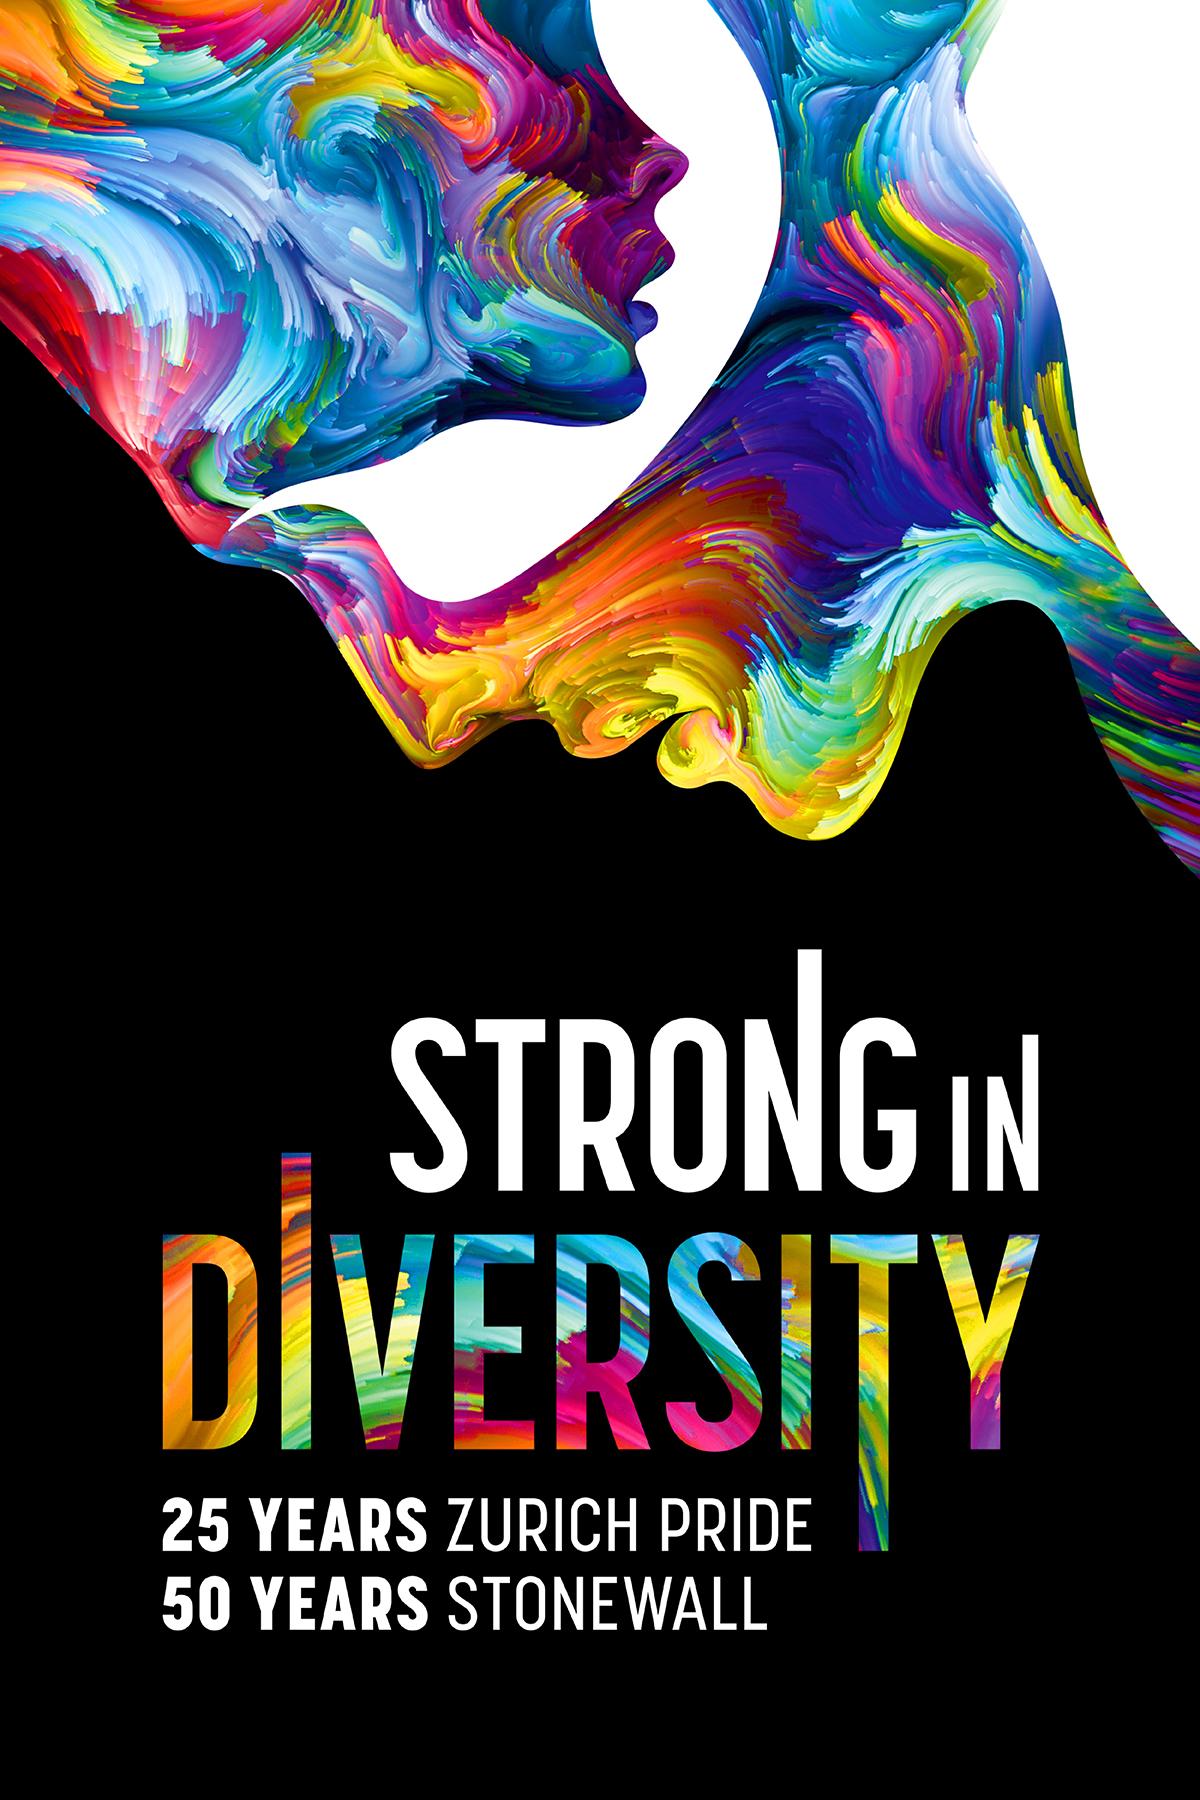 Farbige Gesichter mit Motto Strong in Diversity 2019